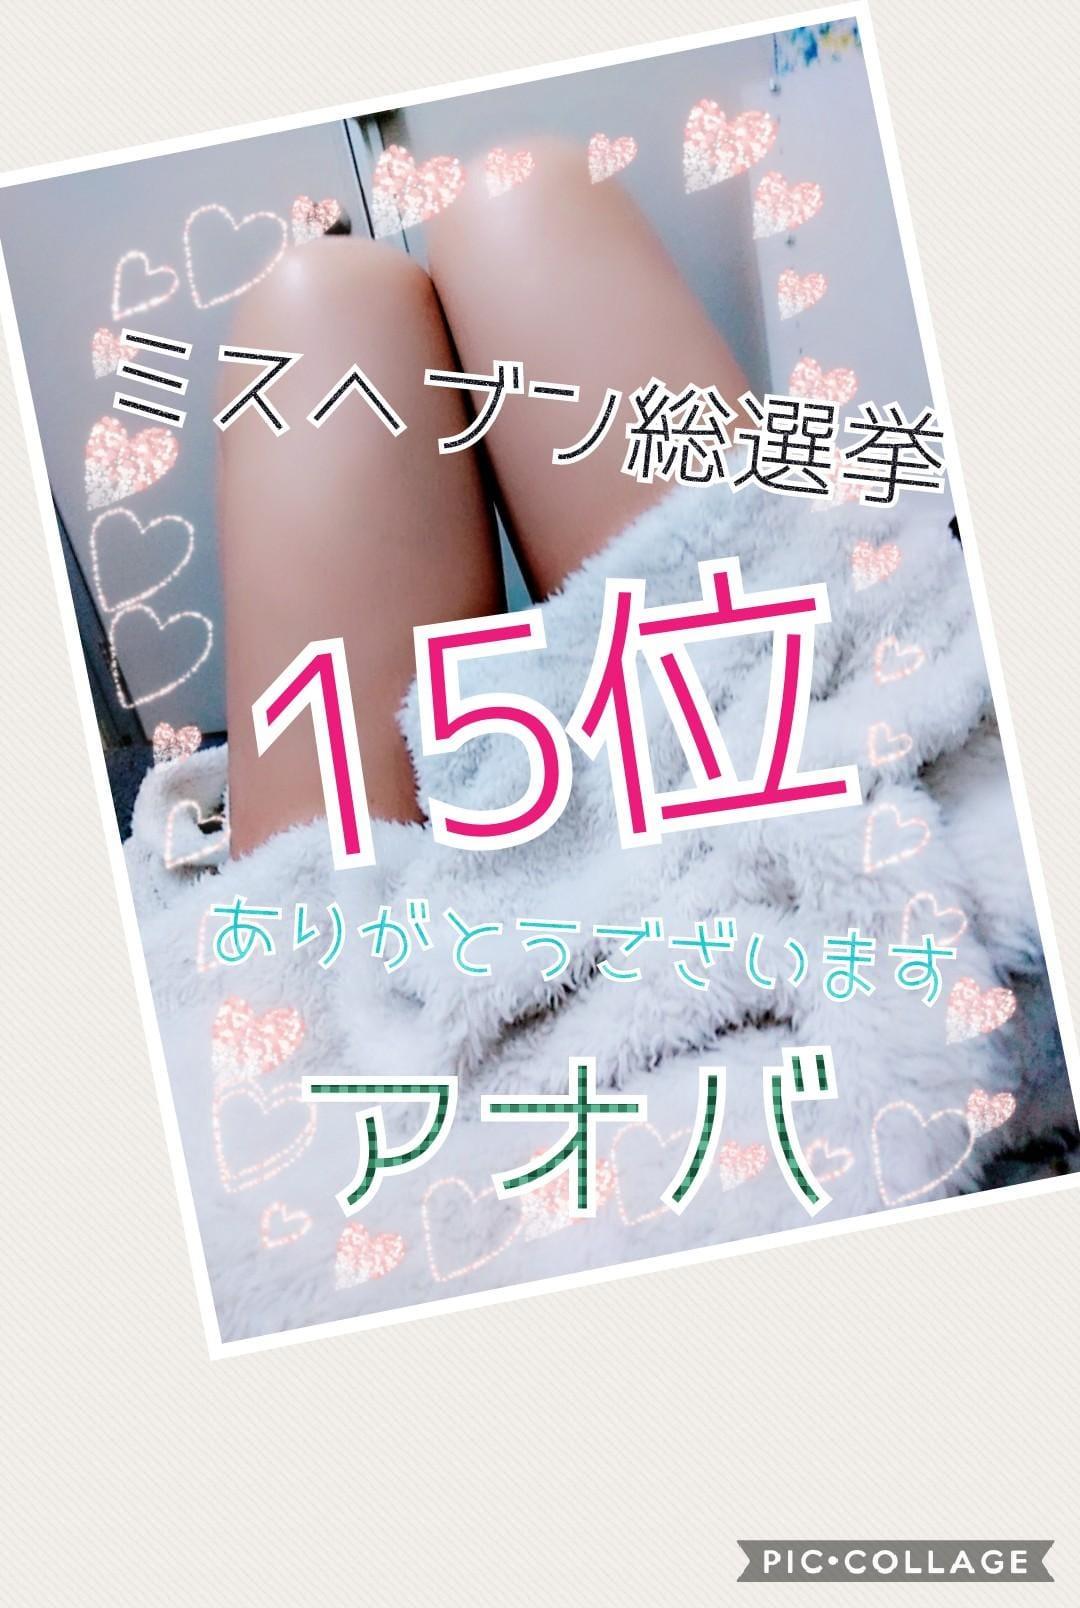 「やほーんッ♡」08/10(08/10) 11:36   アオバの写メ・風俗動画